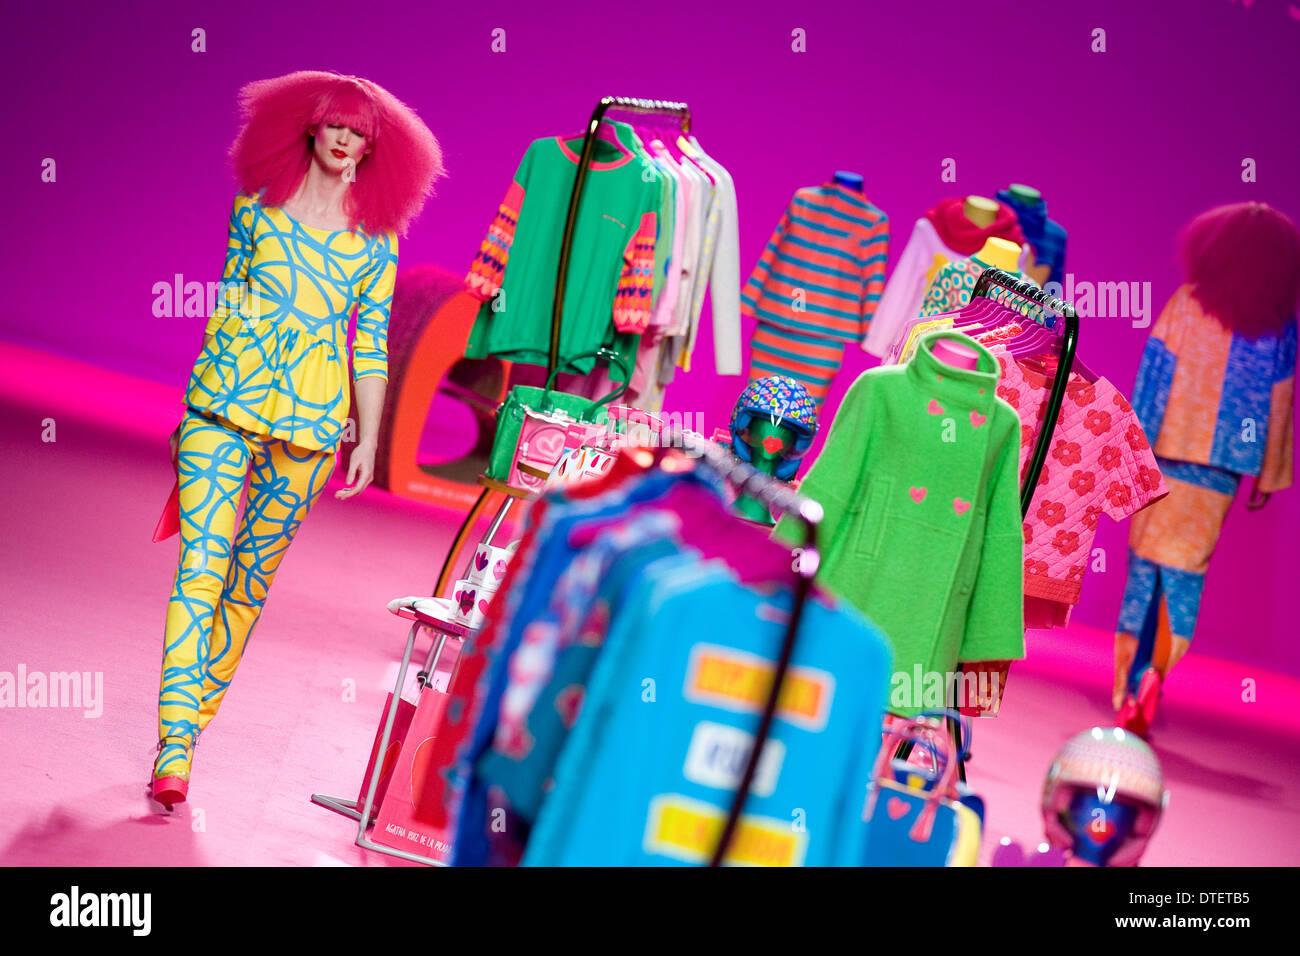 Madrid, Spagna. 16 feb 2014. Un modello di vetrine di disegni di Agatha Ruiz de la Prada sullo spettacolo durante la Mercedes Benz Fashion Week Madrid Autunno/Inverno 2014 presso Ifema il 16 febbraio 2014 a Madrid, Spagna. Credito: Oscar Gonzalez/NurPhoto/ZUMAPRESS.com/Alamy Live News Immagini Stock